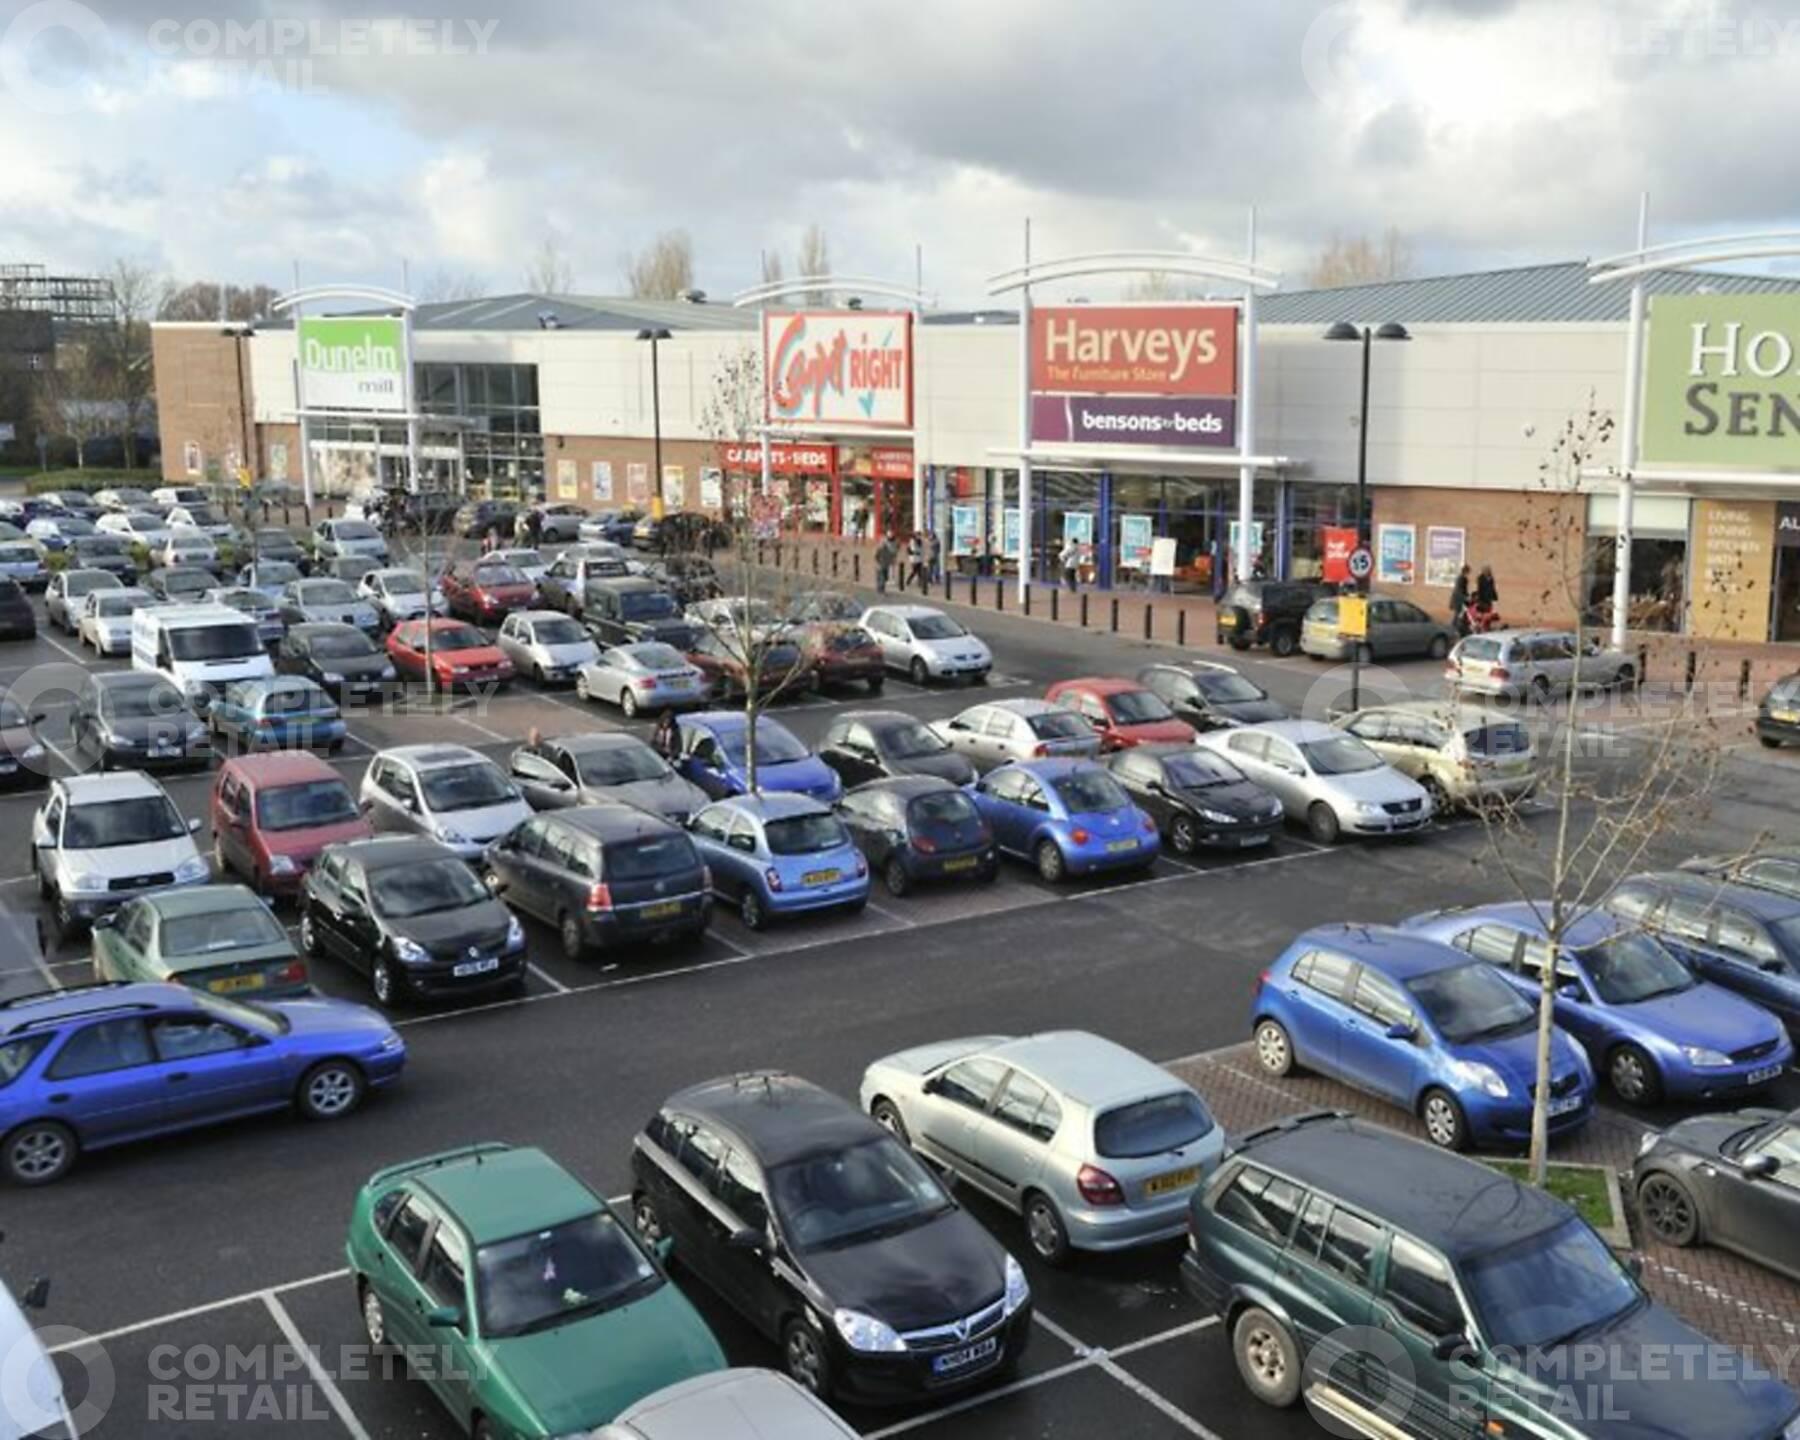 Priory Fields Retail Park